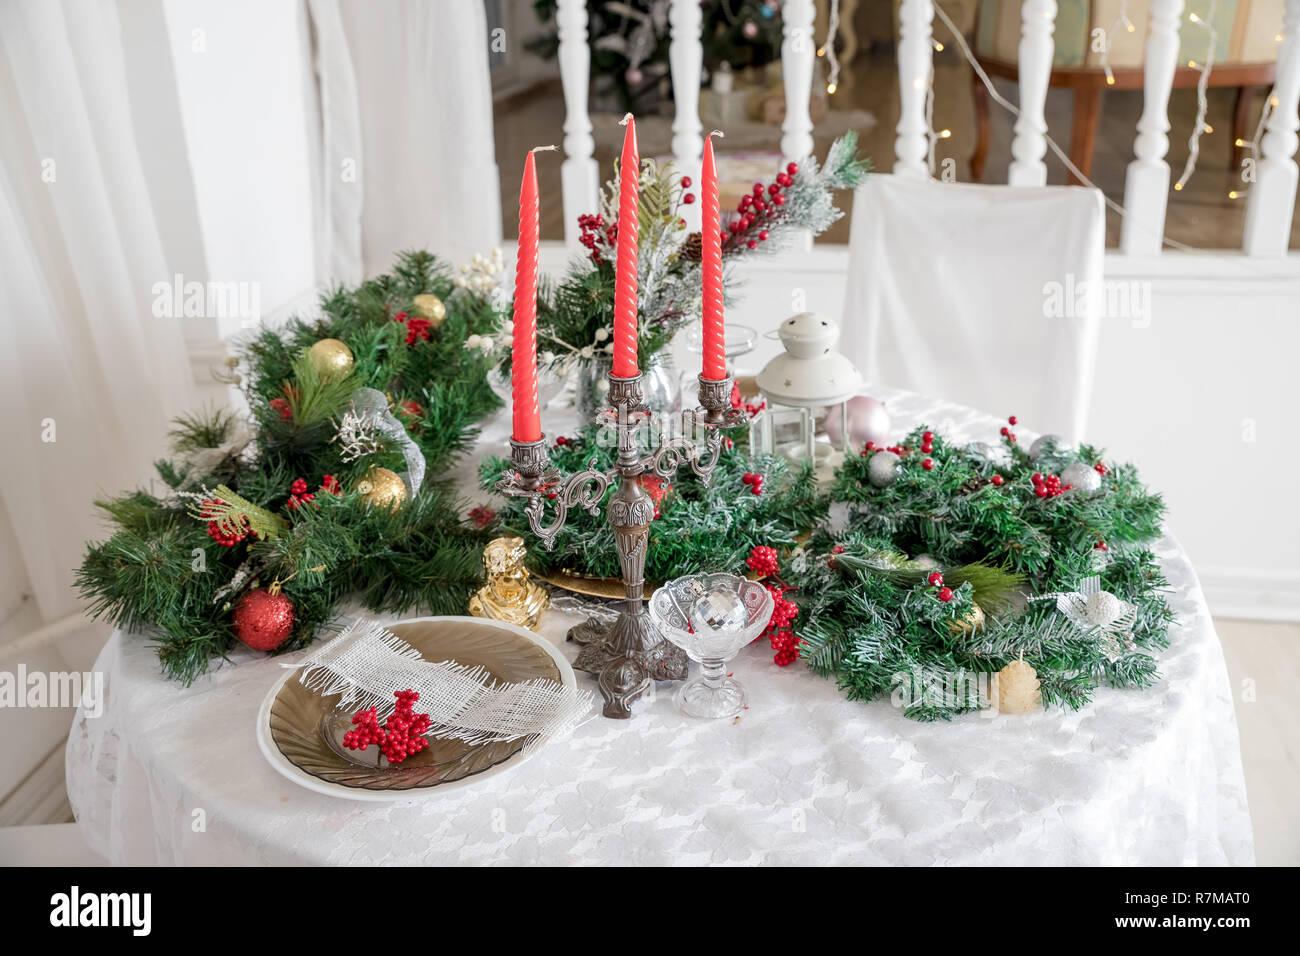 Festliche Tischdekoration Unter Winter Dekorationen Und Weissen